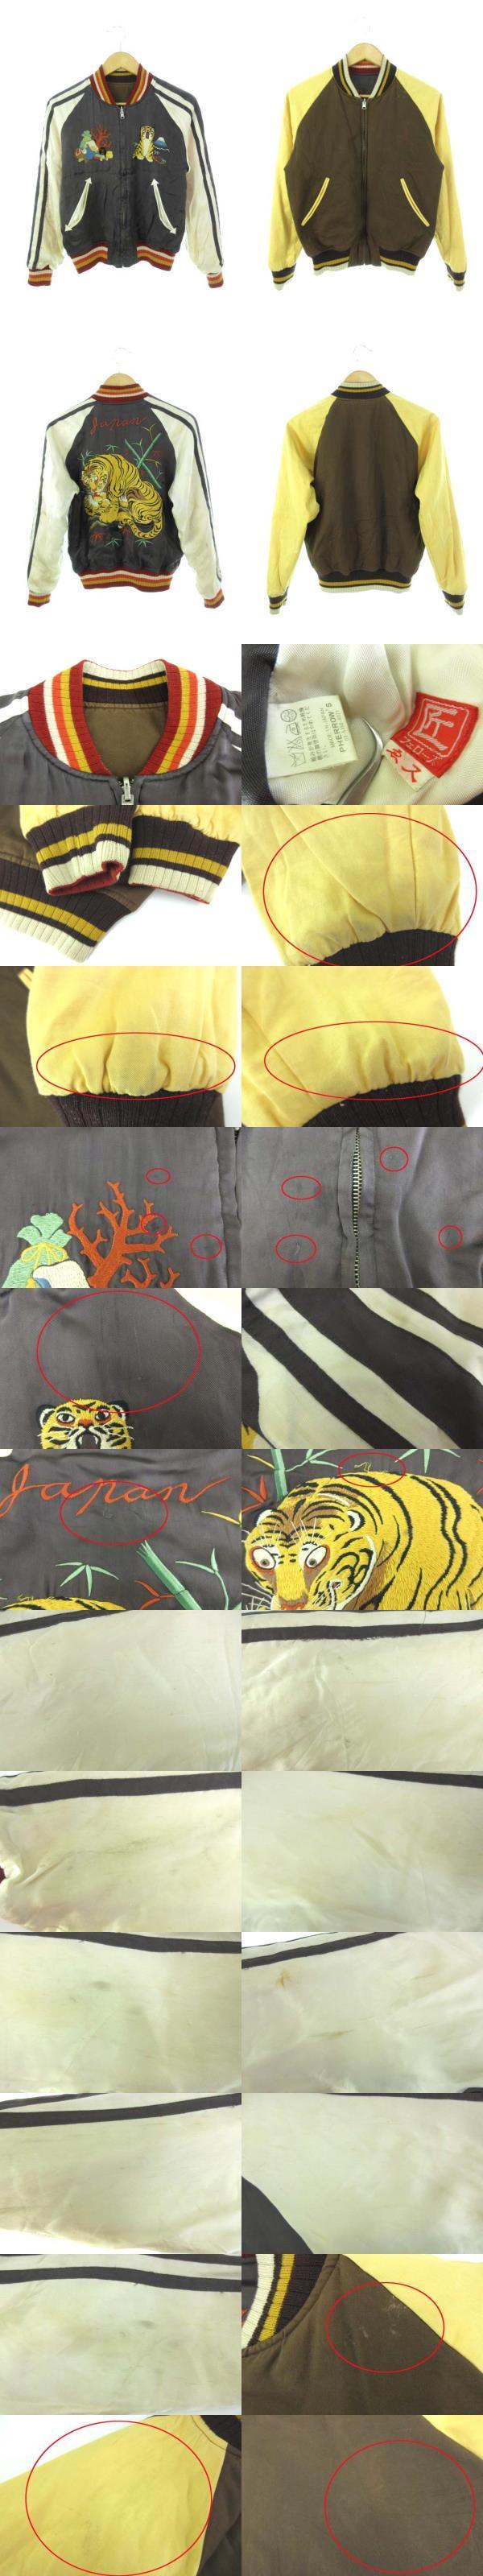 リバーシブル スカジャン 虎 刺繍 ダークブラウン アイボリー S